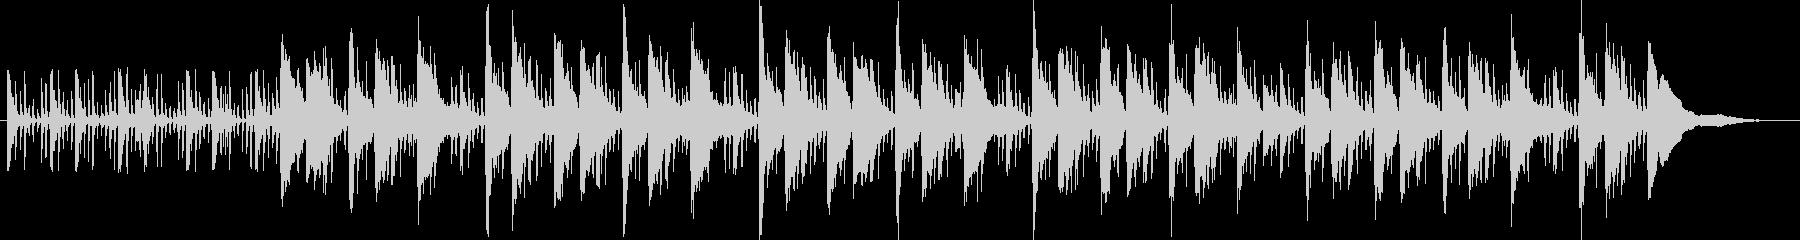 スローテンポジャズコラボの未再生の波形